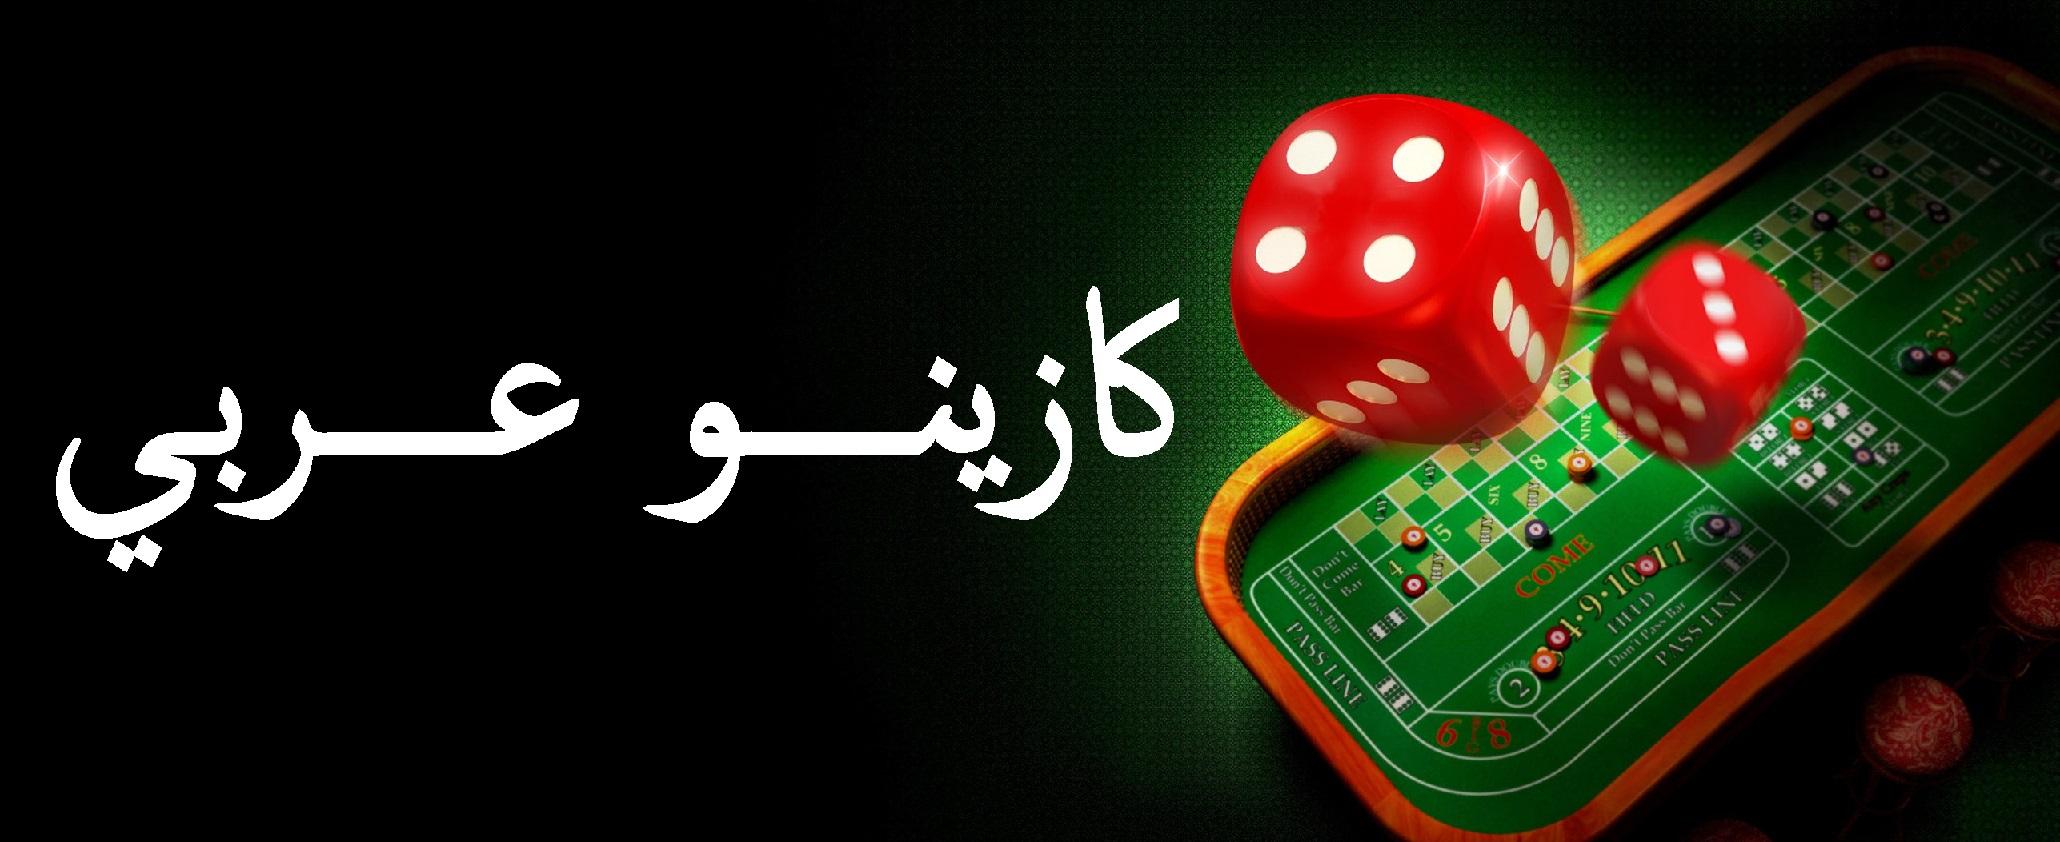 العاب ورق 546487